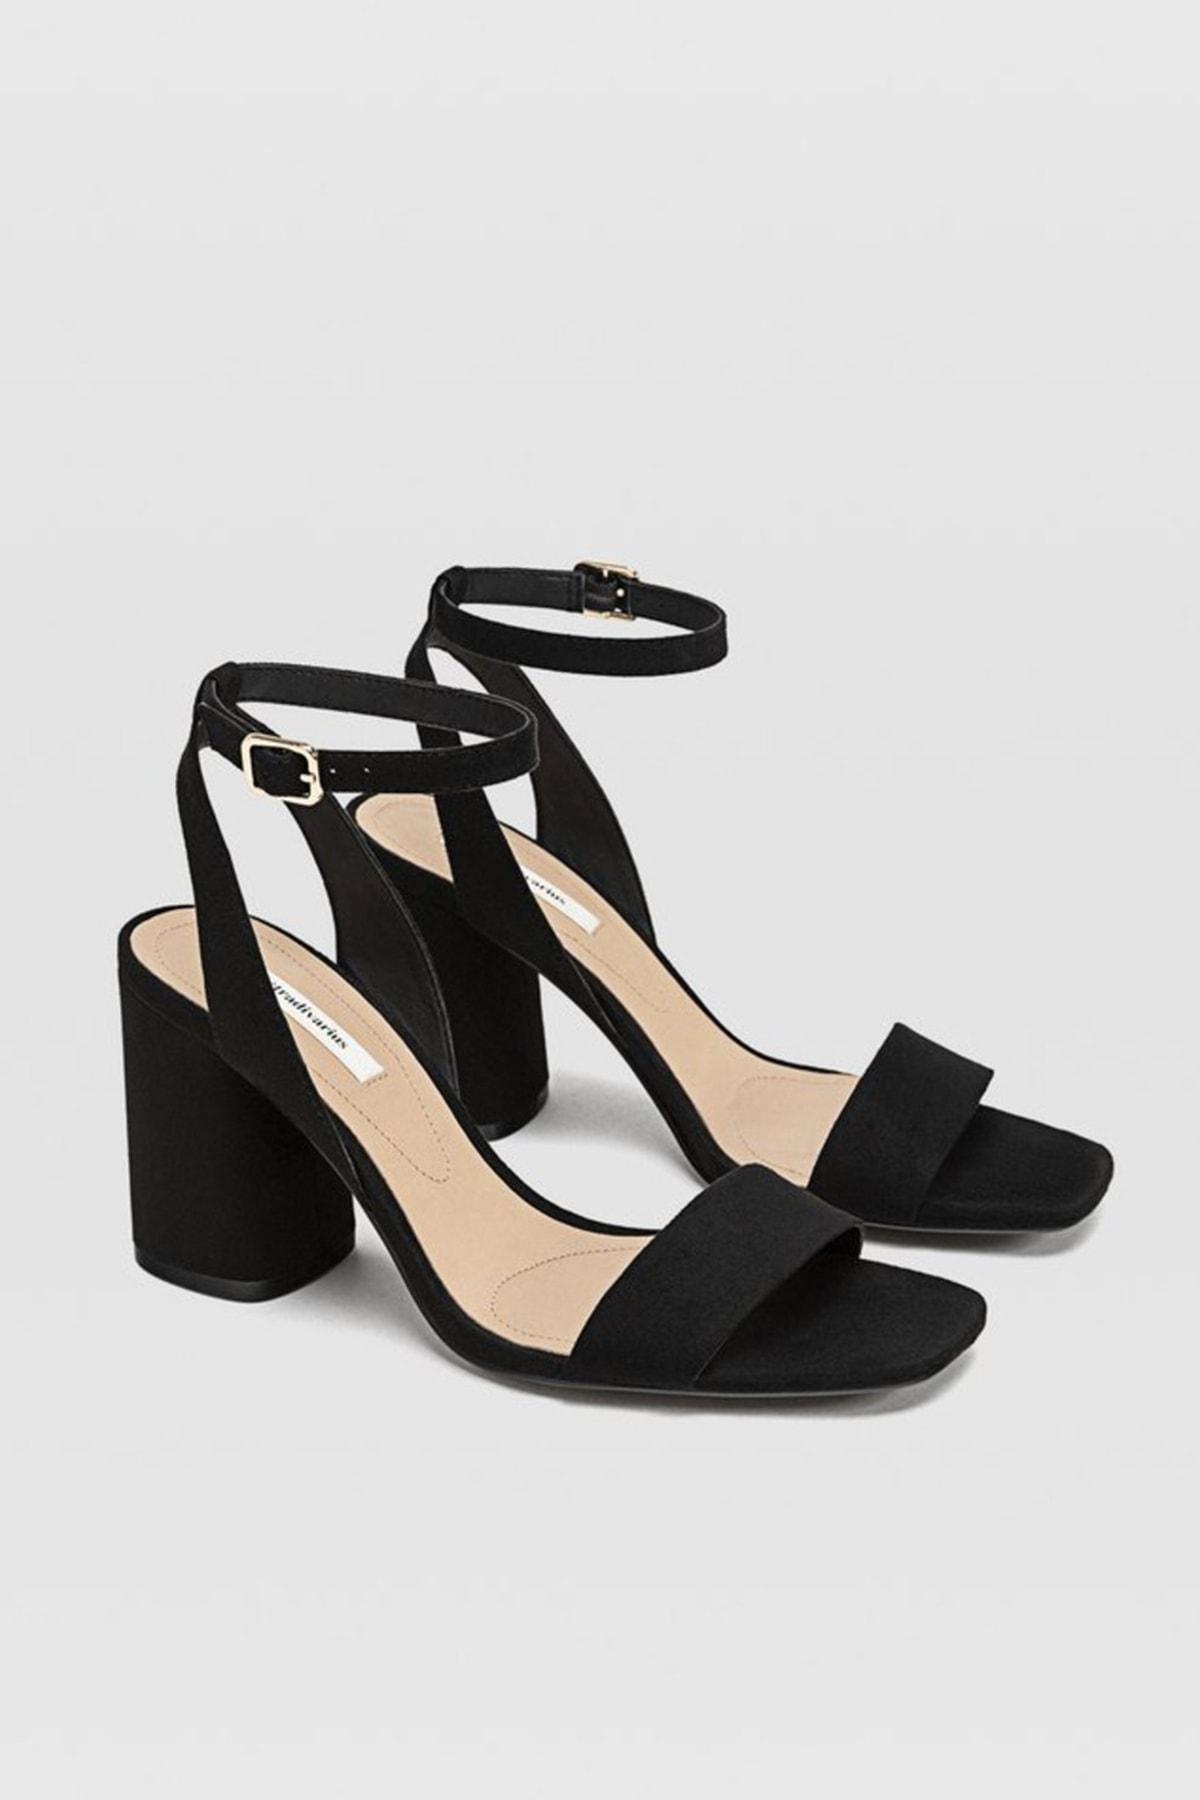 Stradivarius Kadın Siyah Bilekten Bantlı Topuklu Sandalet 19202570 1